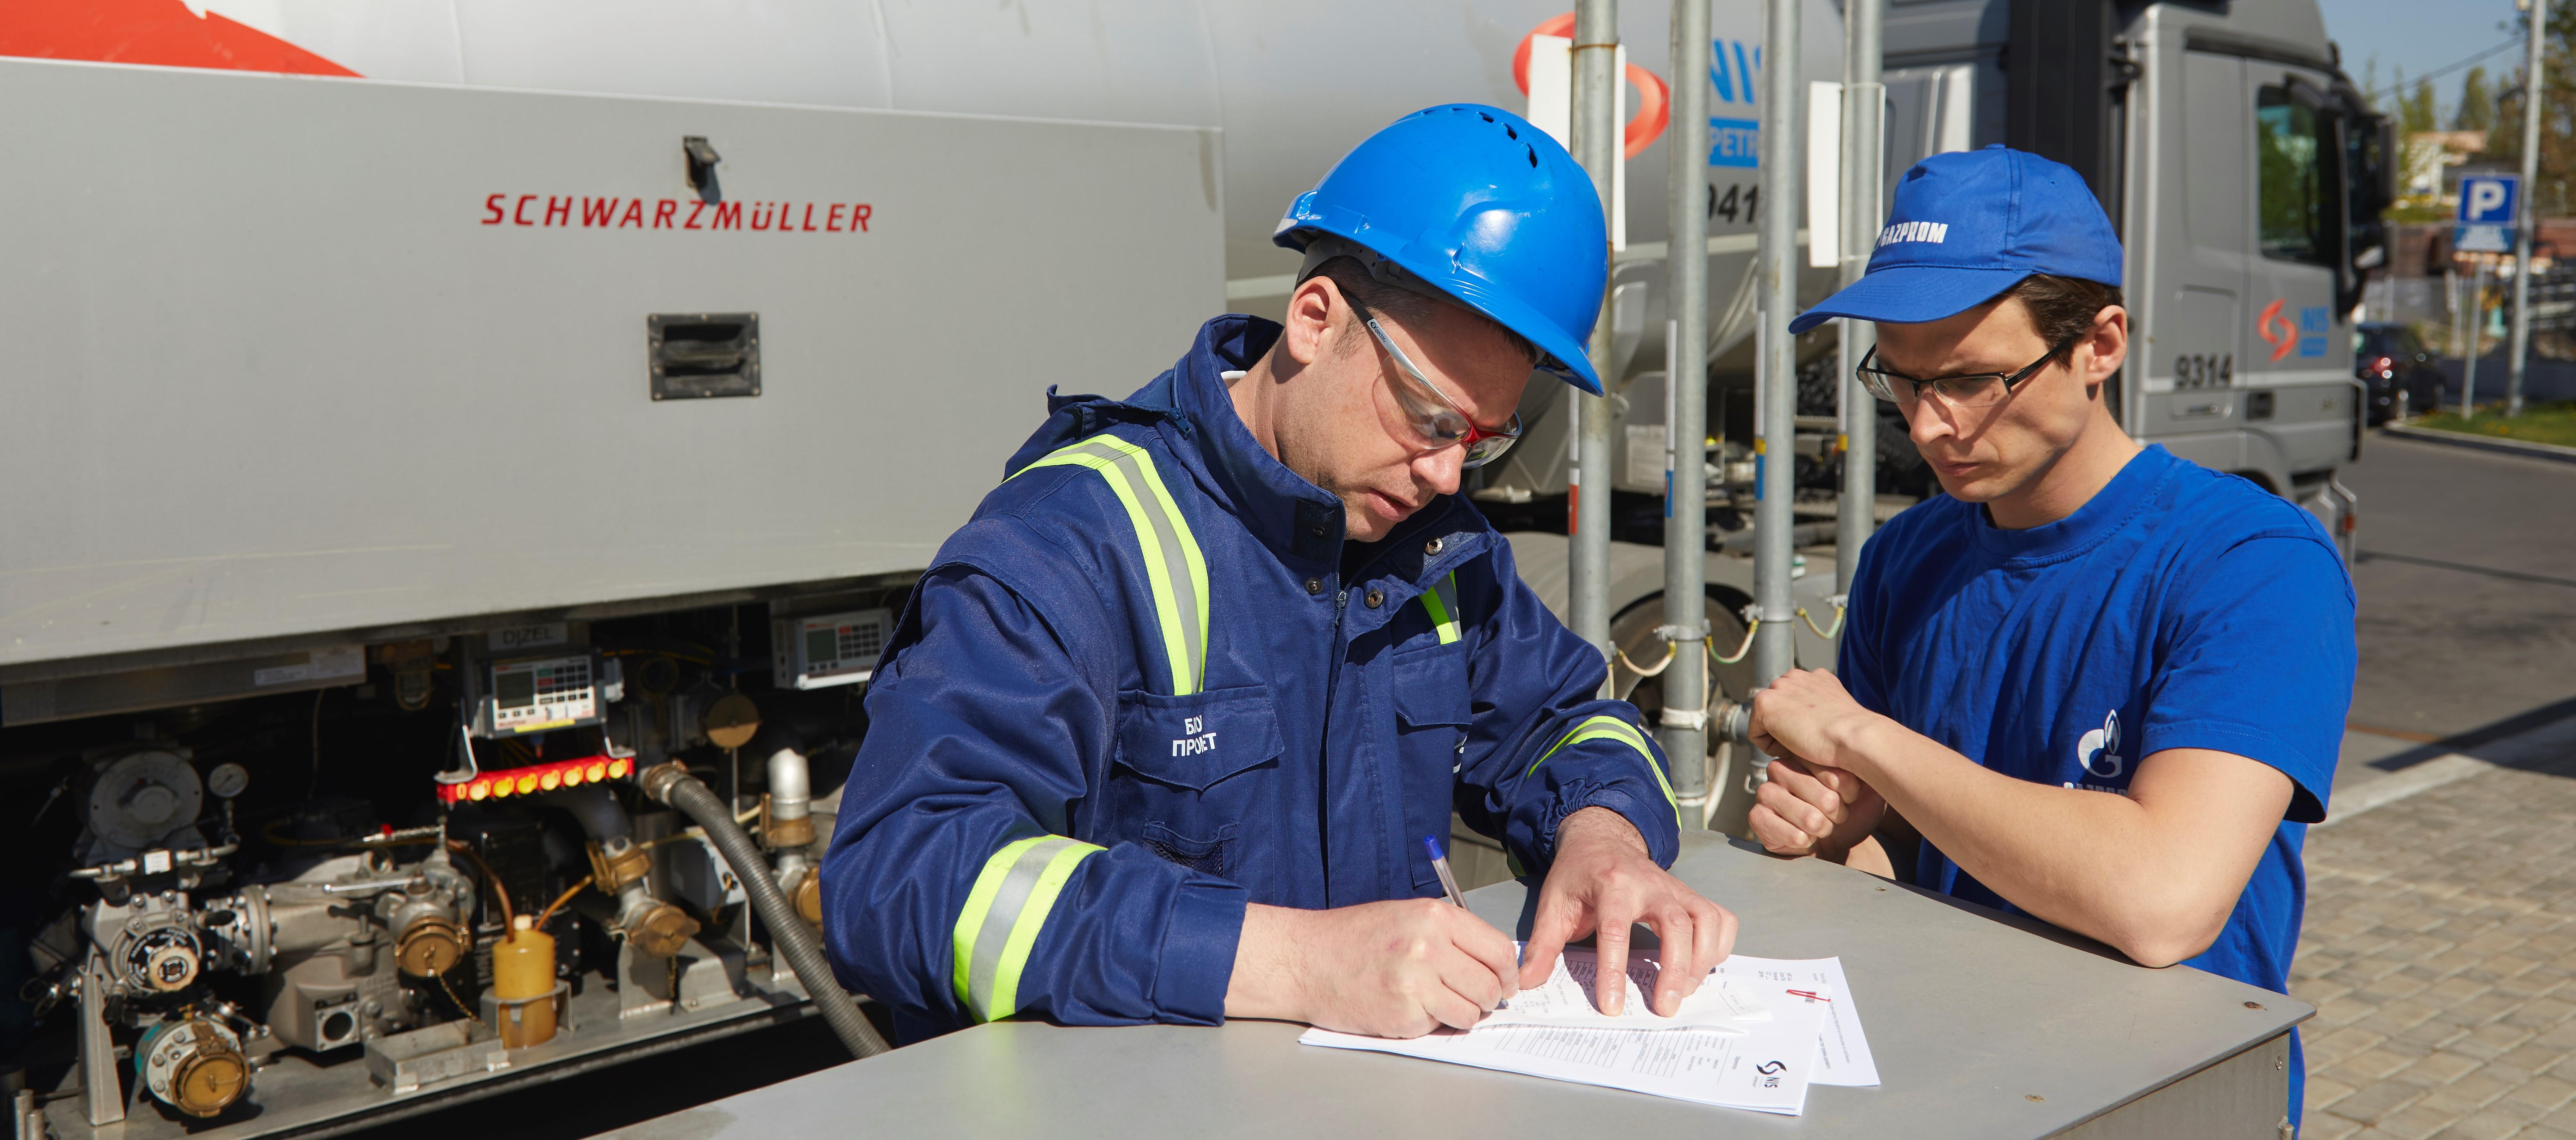 nis, naftnaindustrijasrbije, rafinerija, rafinerijanaftepancevo, servis, servisi, usluge, kontrolnotelo, inspekcija